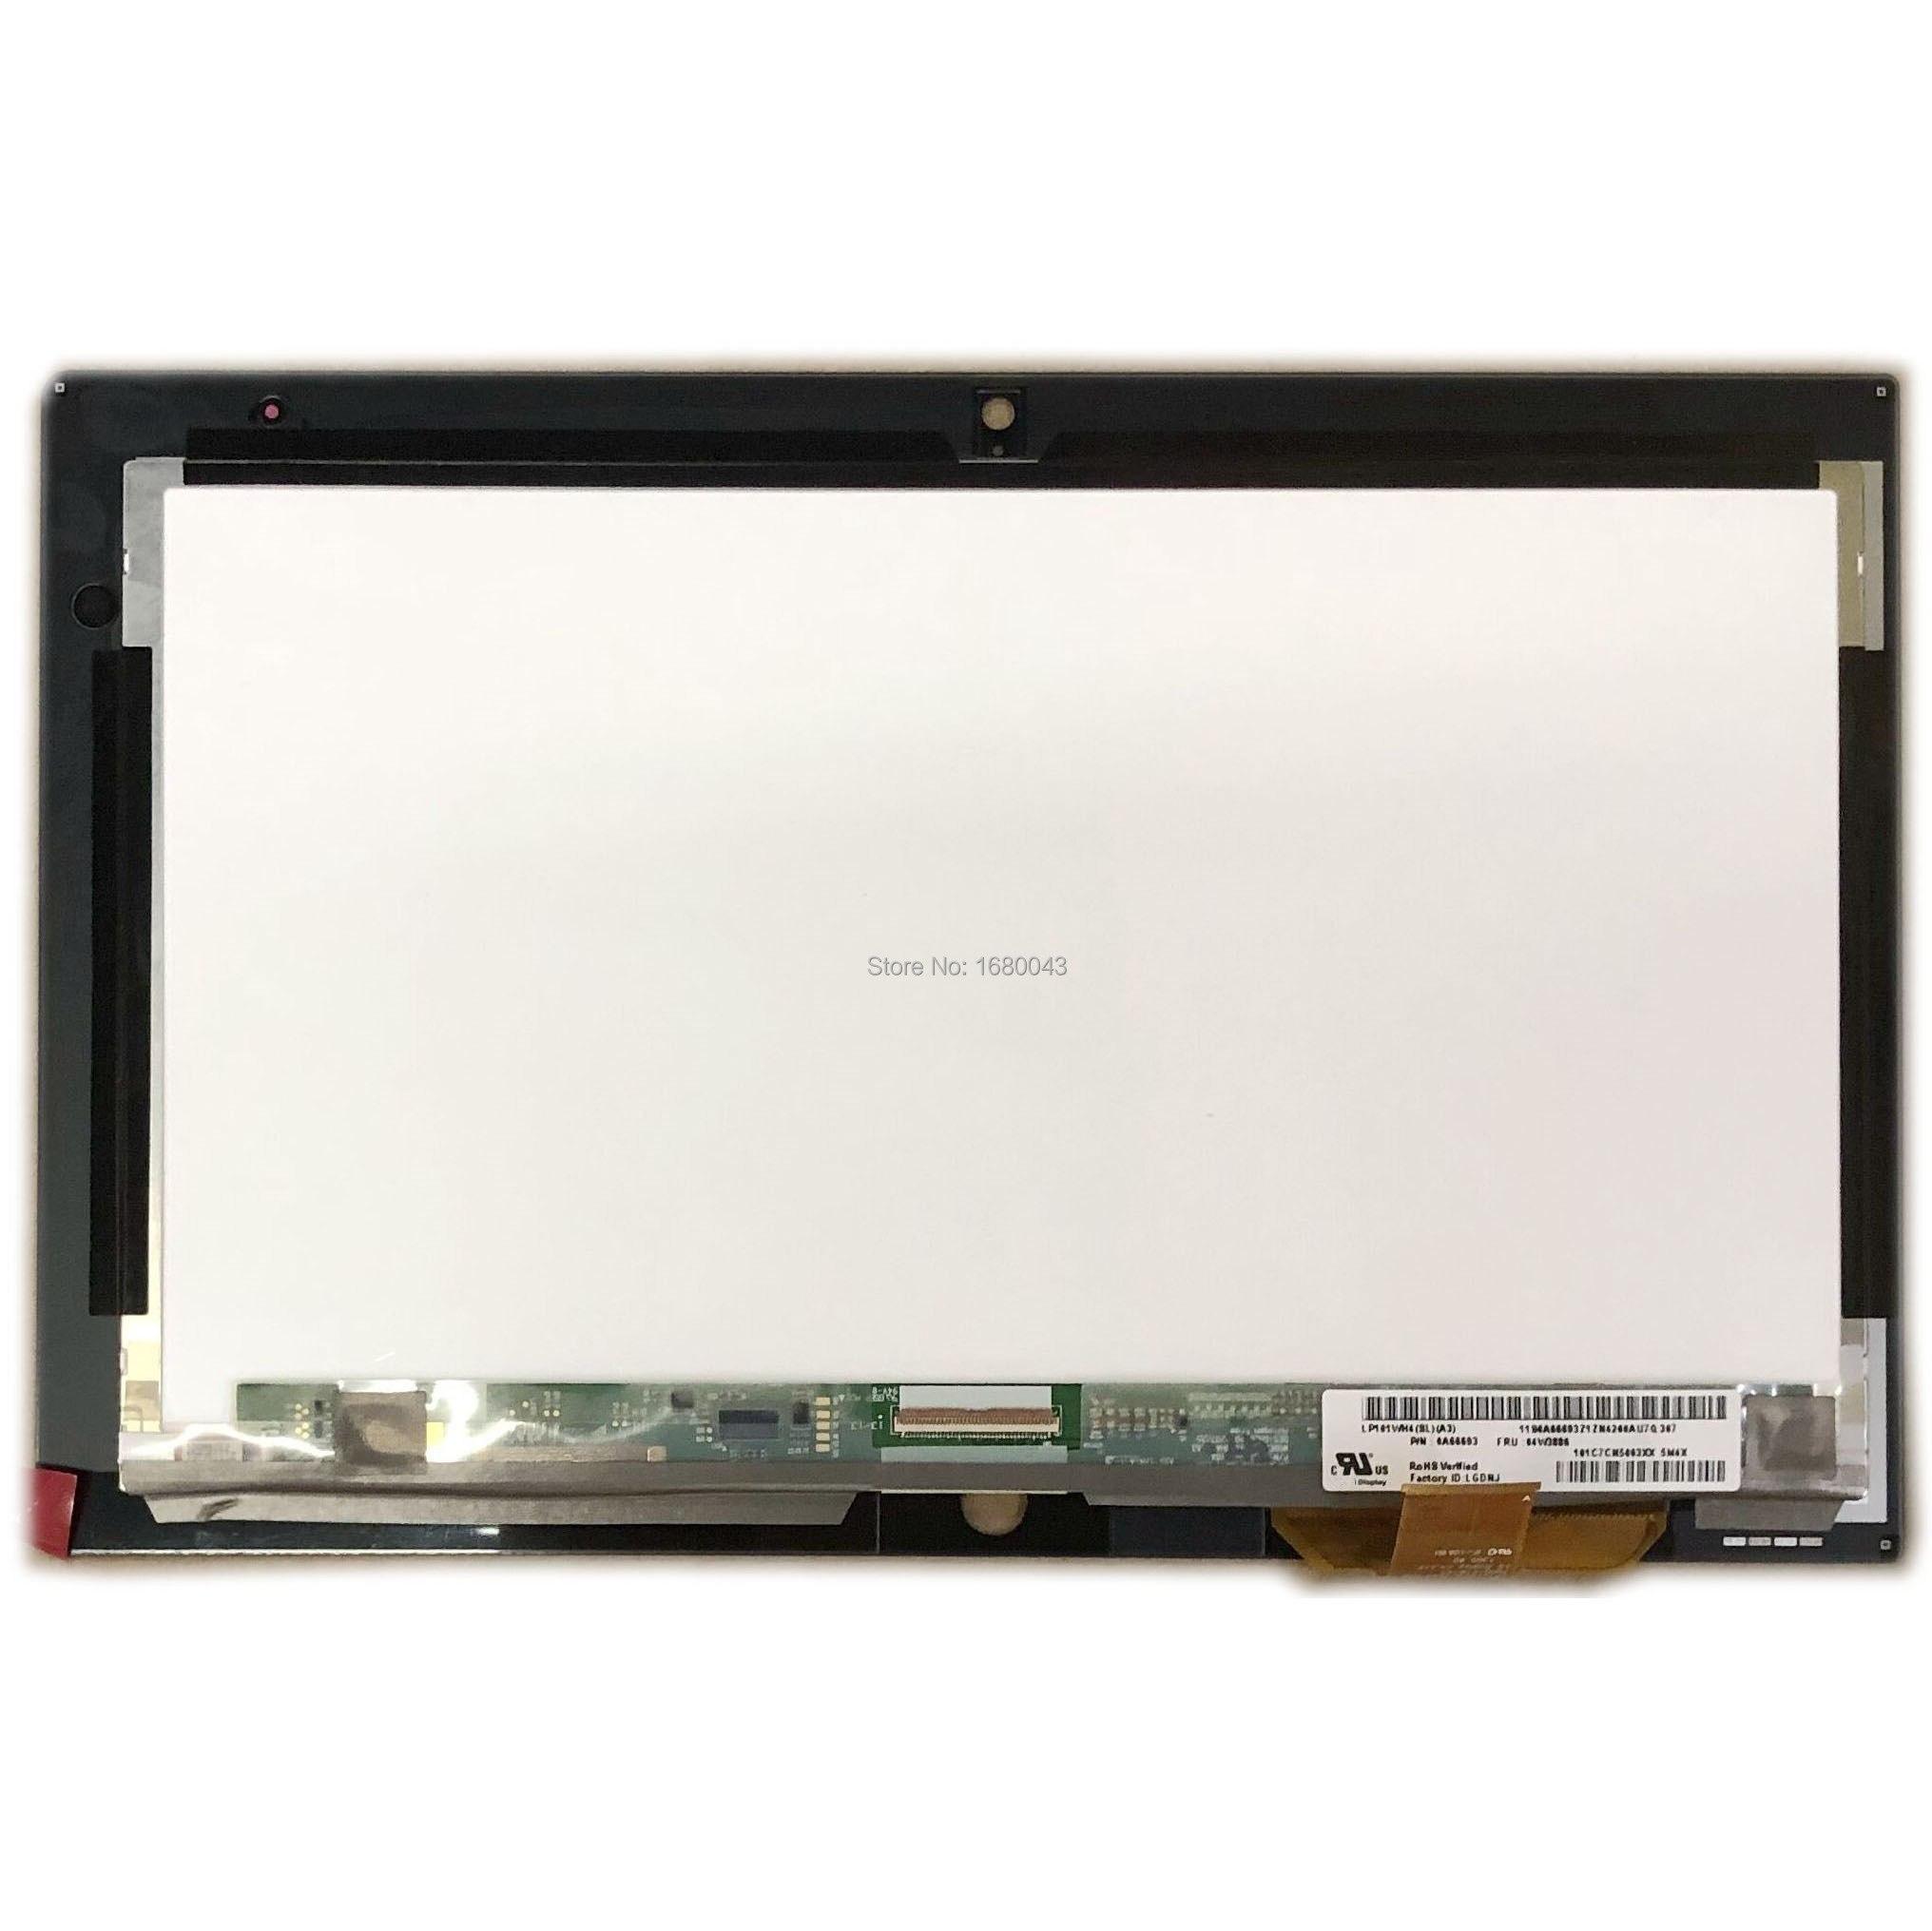 10.1 pouces LCD LED écran tactile écran tactile numériseur assemblée verre LP101WH4 SLA3 pour Lenovo ThinkPad tablette 2 P/N 0A66693 FRU 04W3886